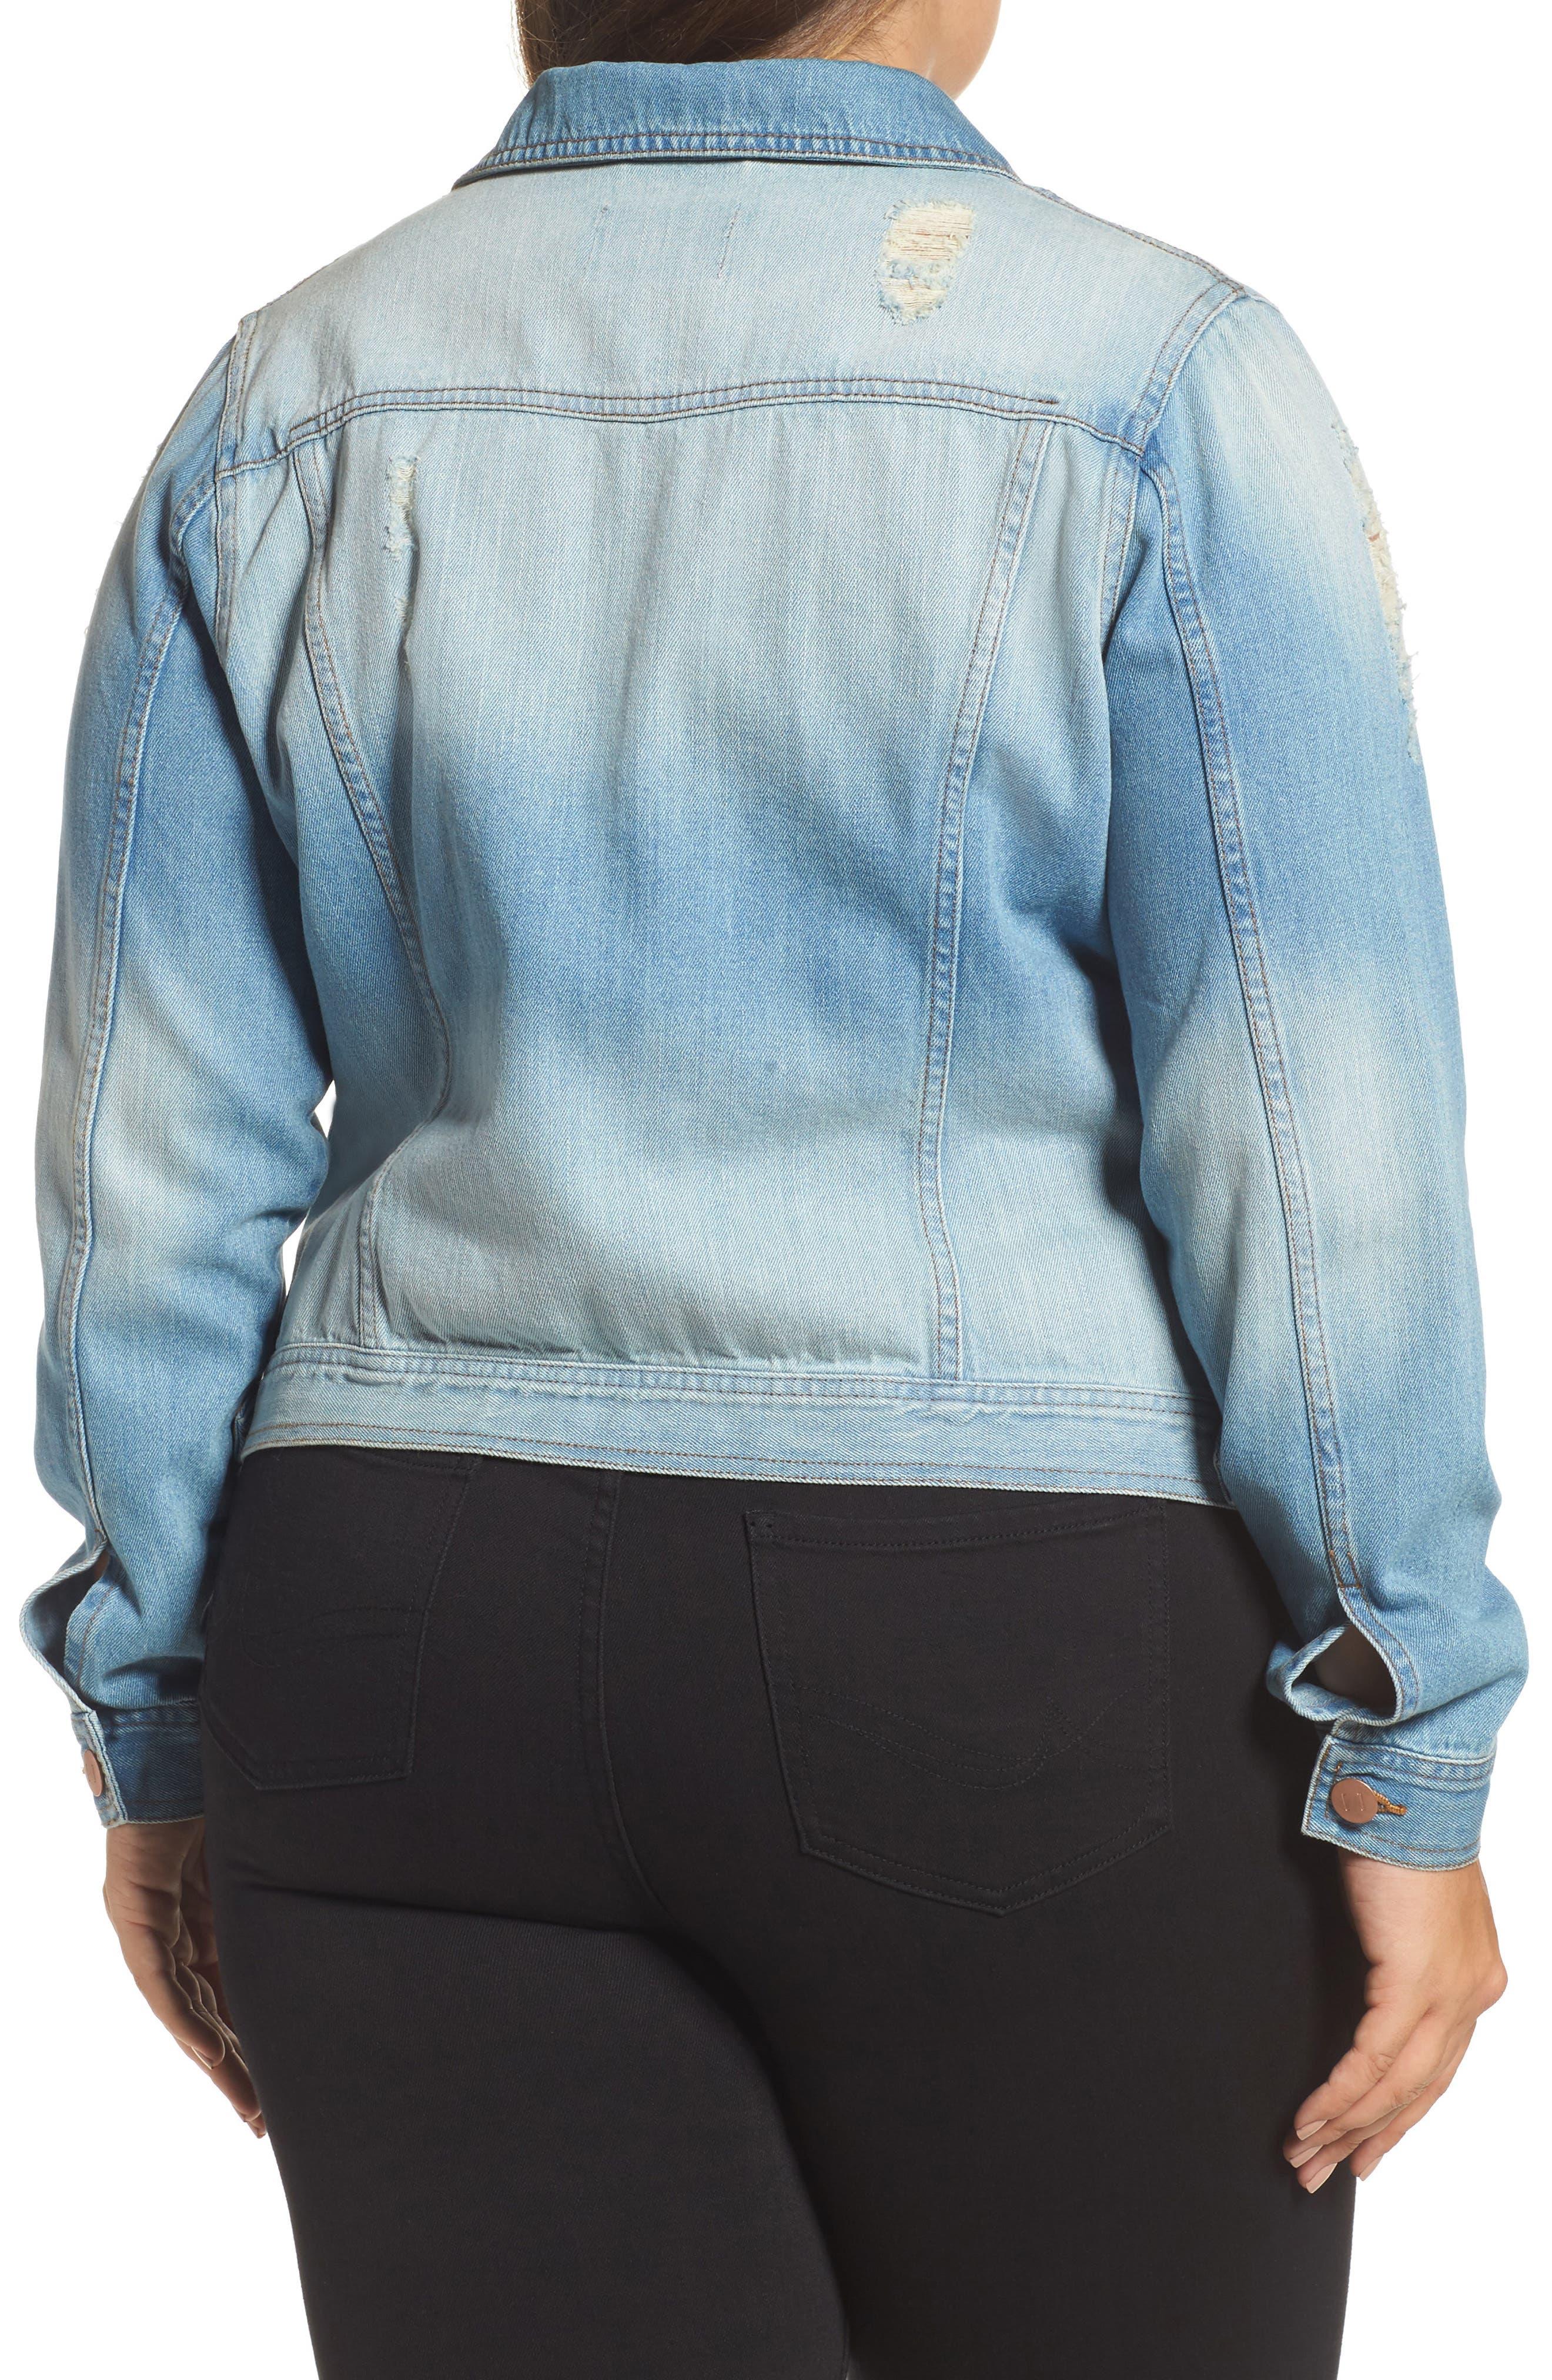 Alternate Image 2  - JUNAROSE Mikara Denim Jacket (Plus Size)